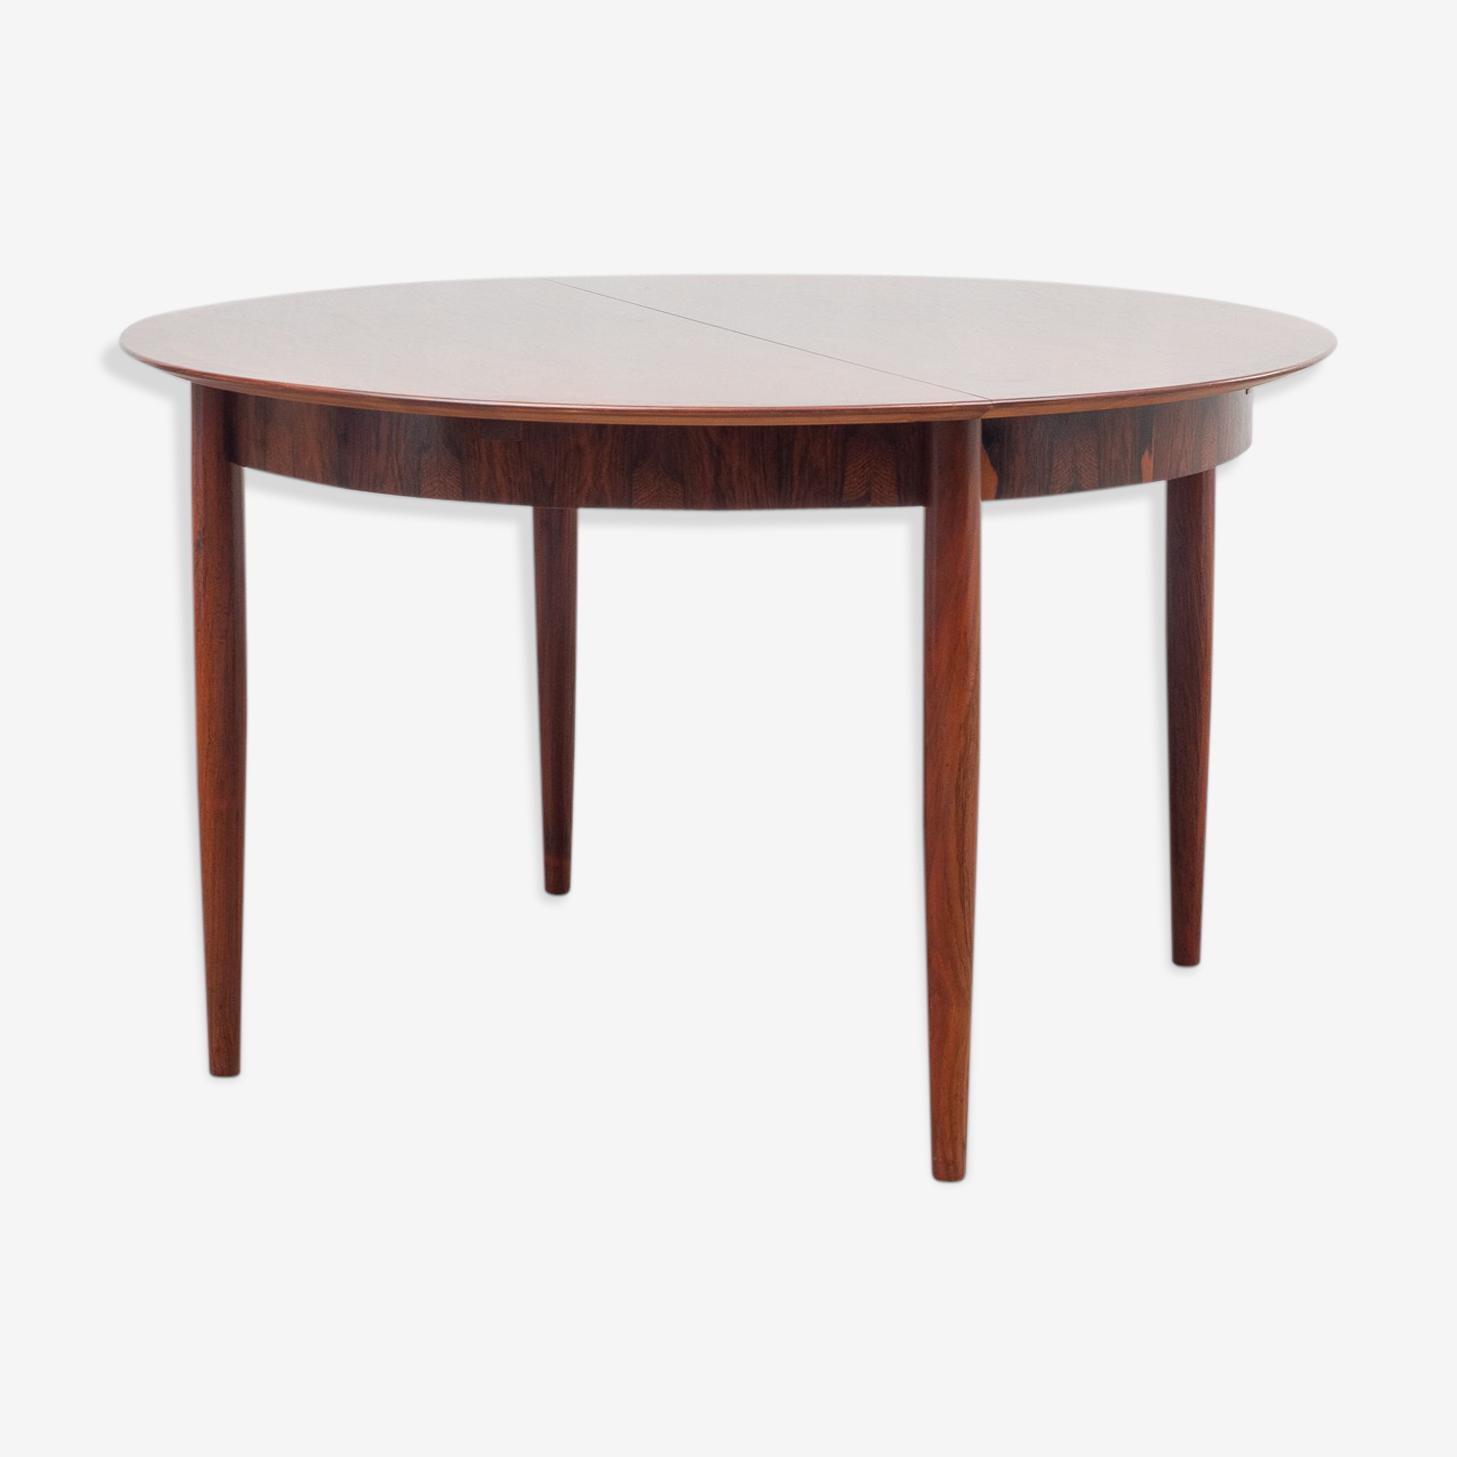 Table ronde pour salle à manger années 60, palissandre